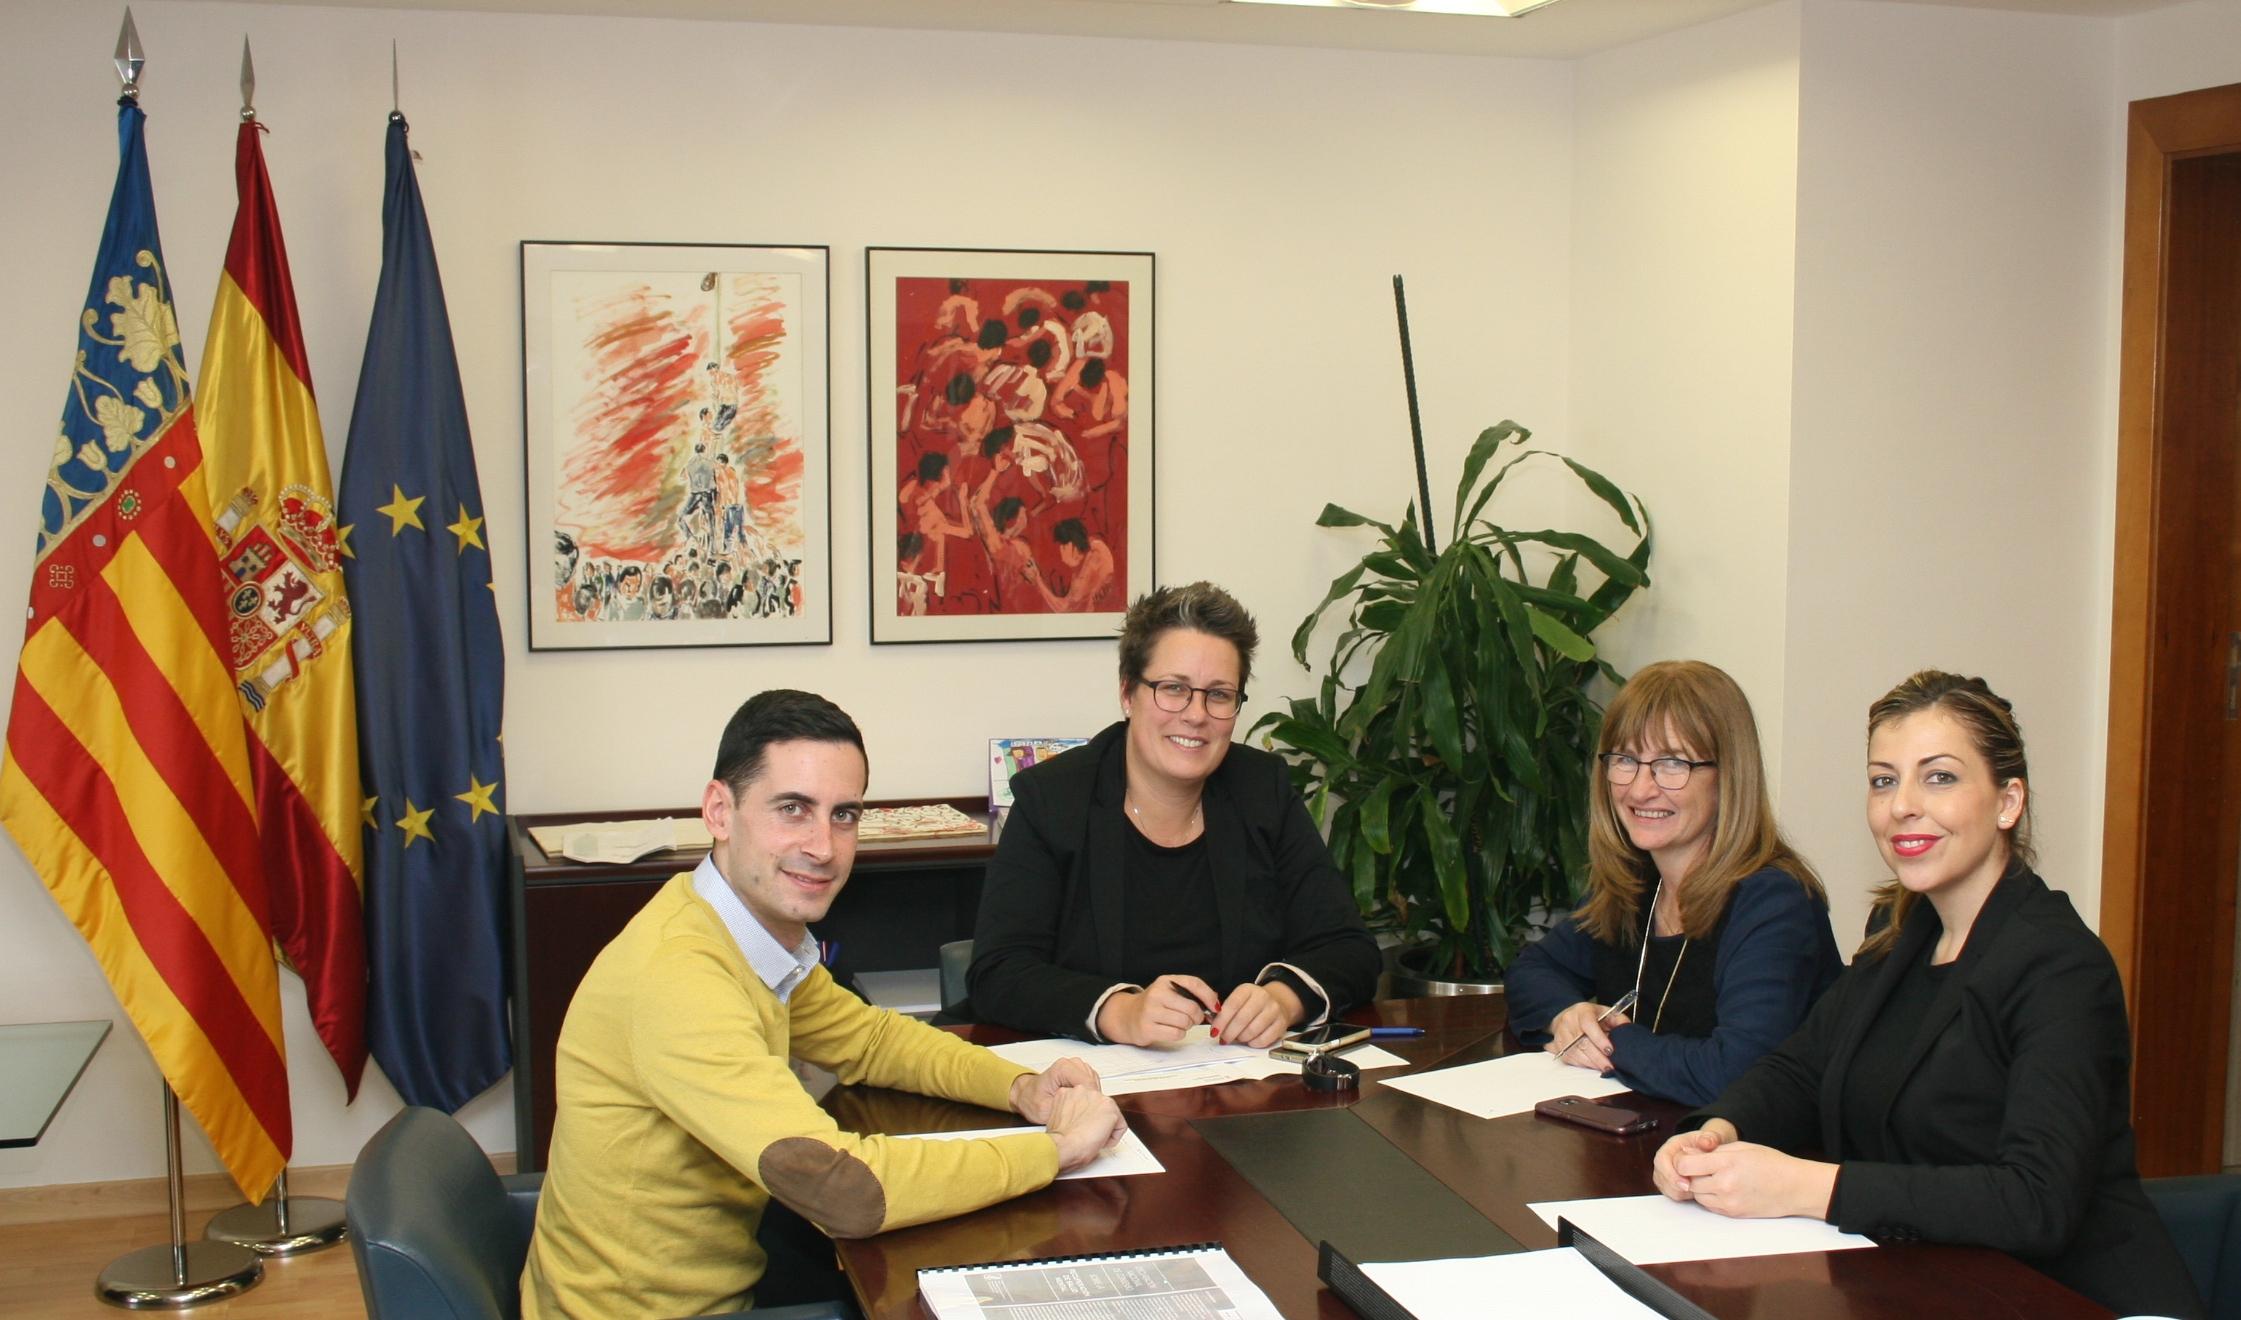 María José Mira, Rocío Briones i Cristina Moreno amb l'alcalde de Mislata, Carlos Bielsa.